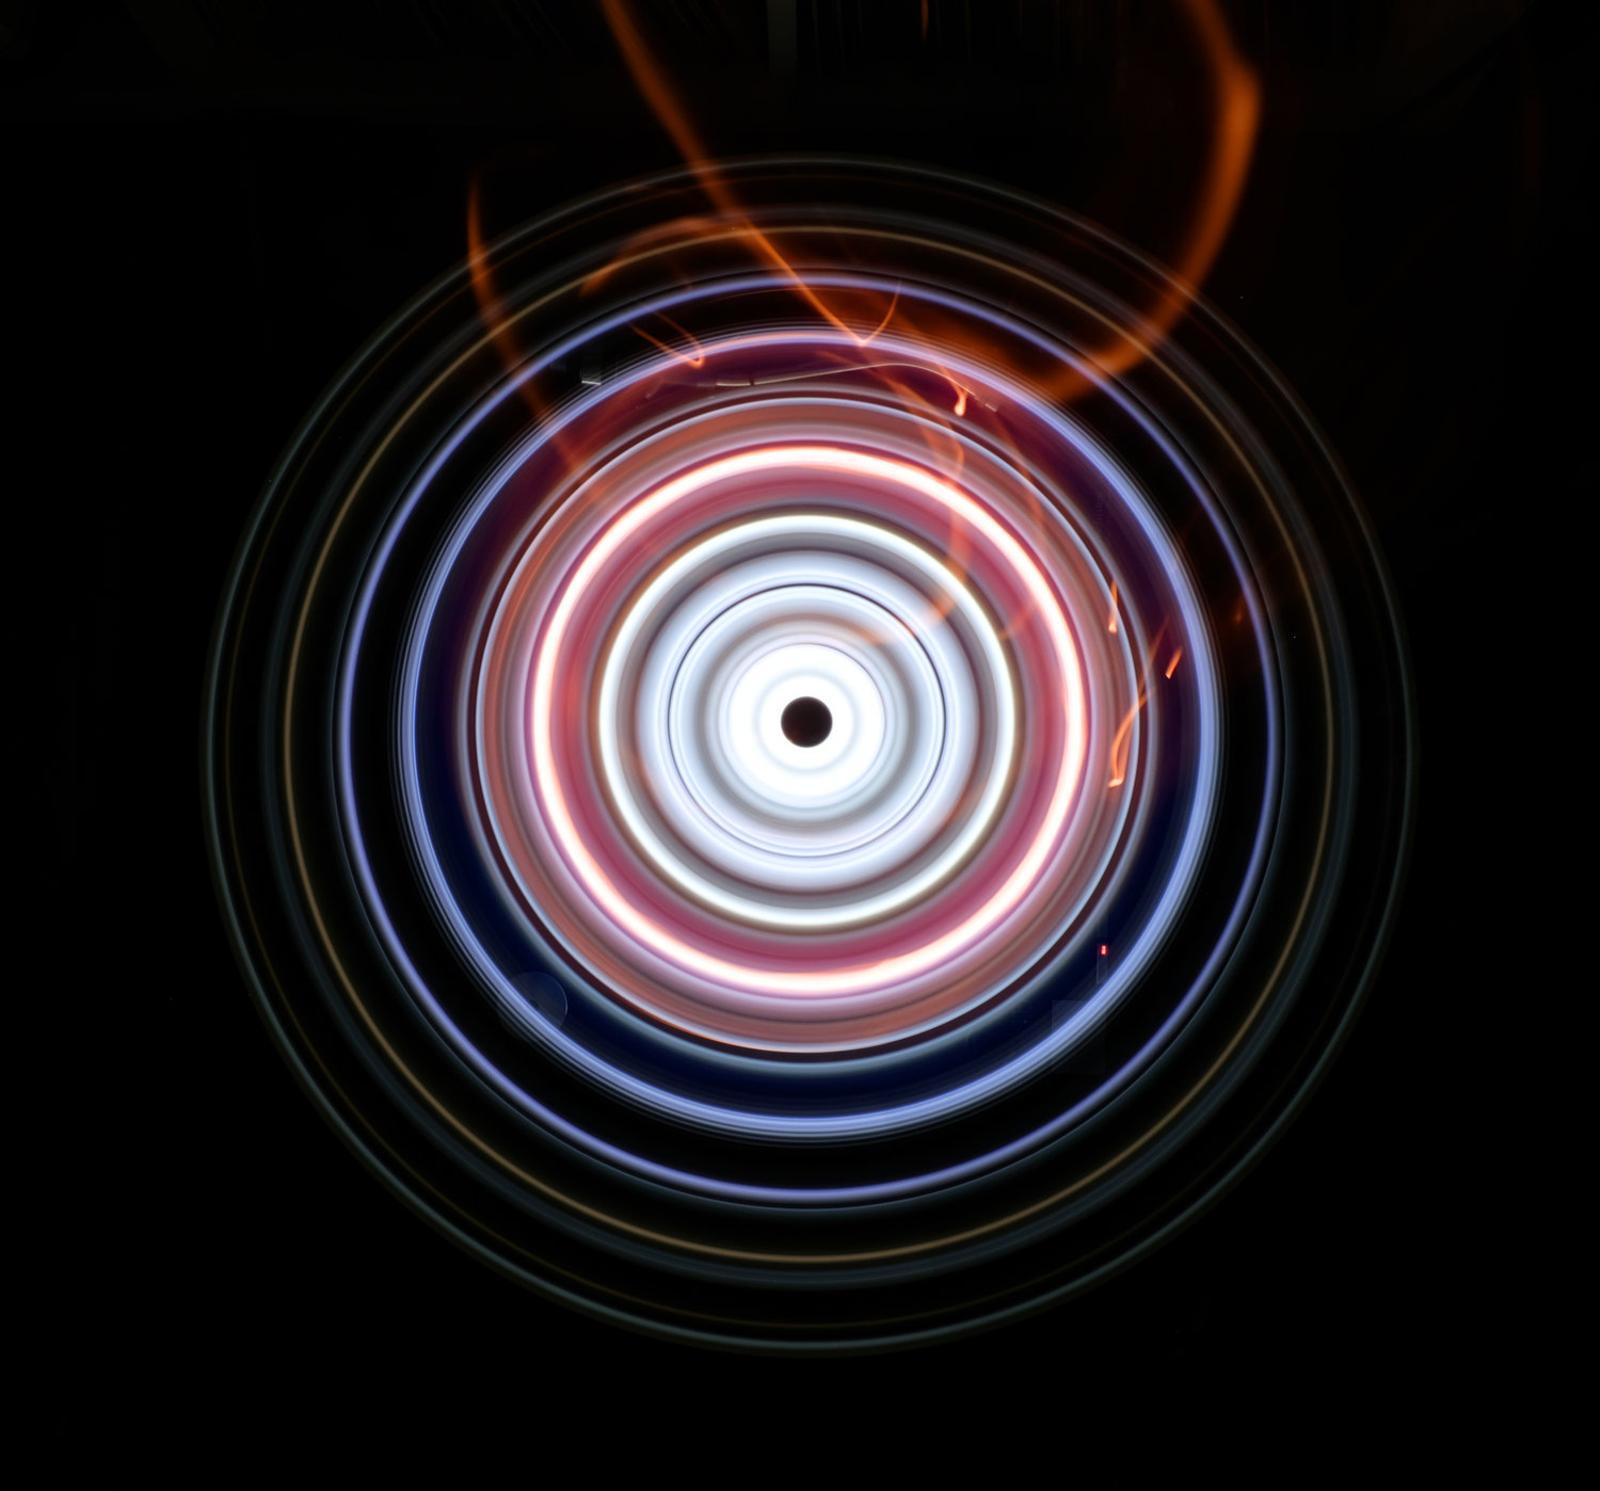 Spins 04